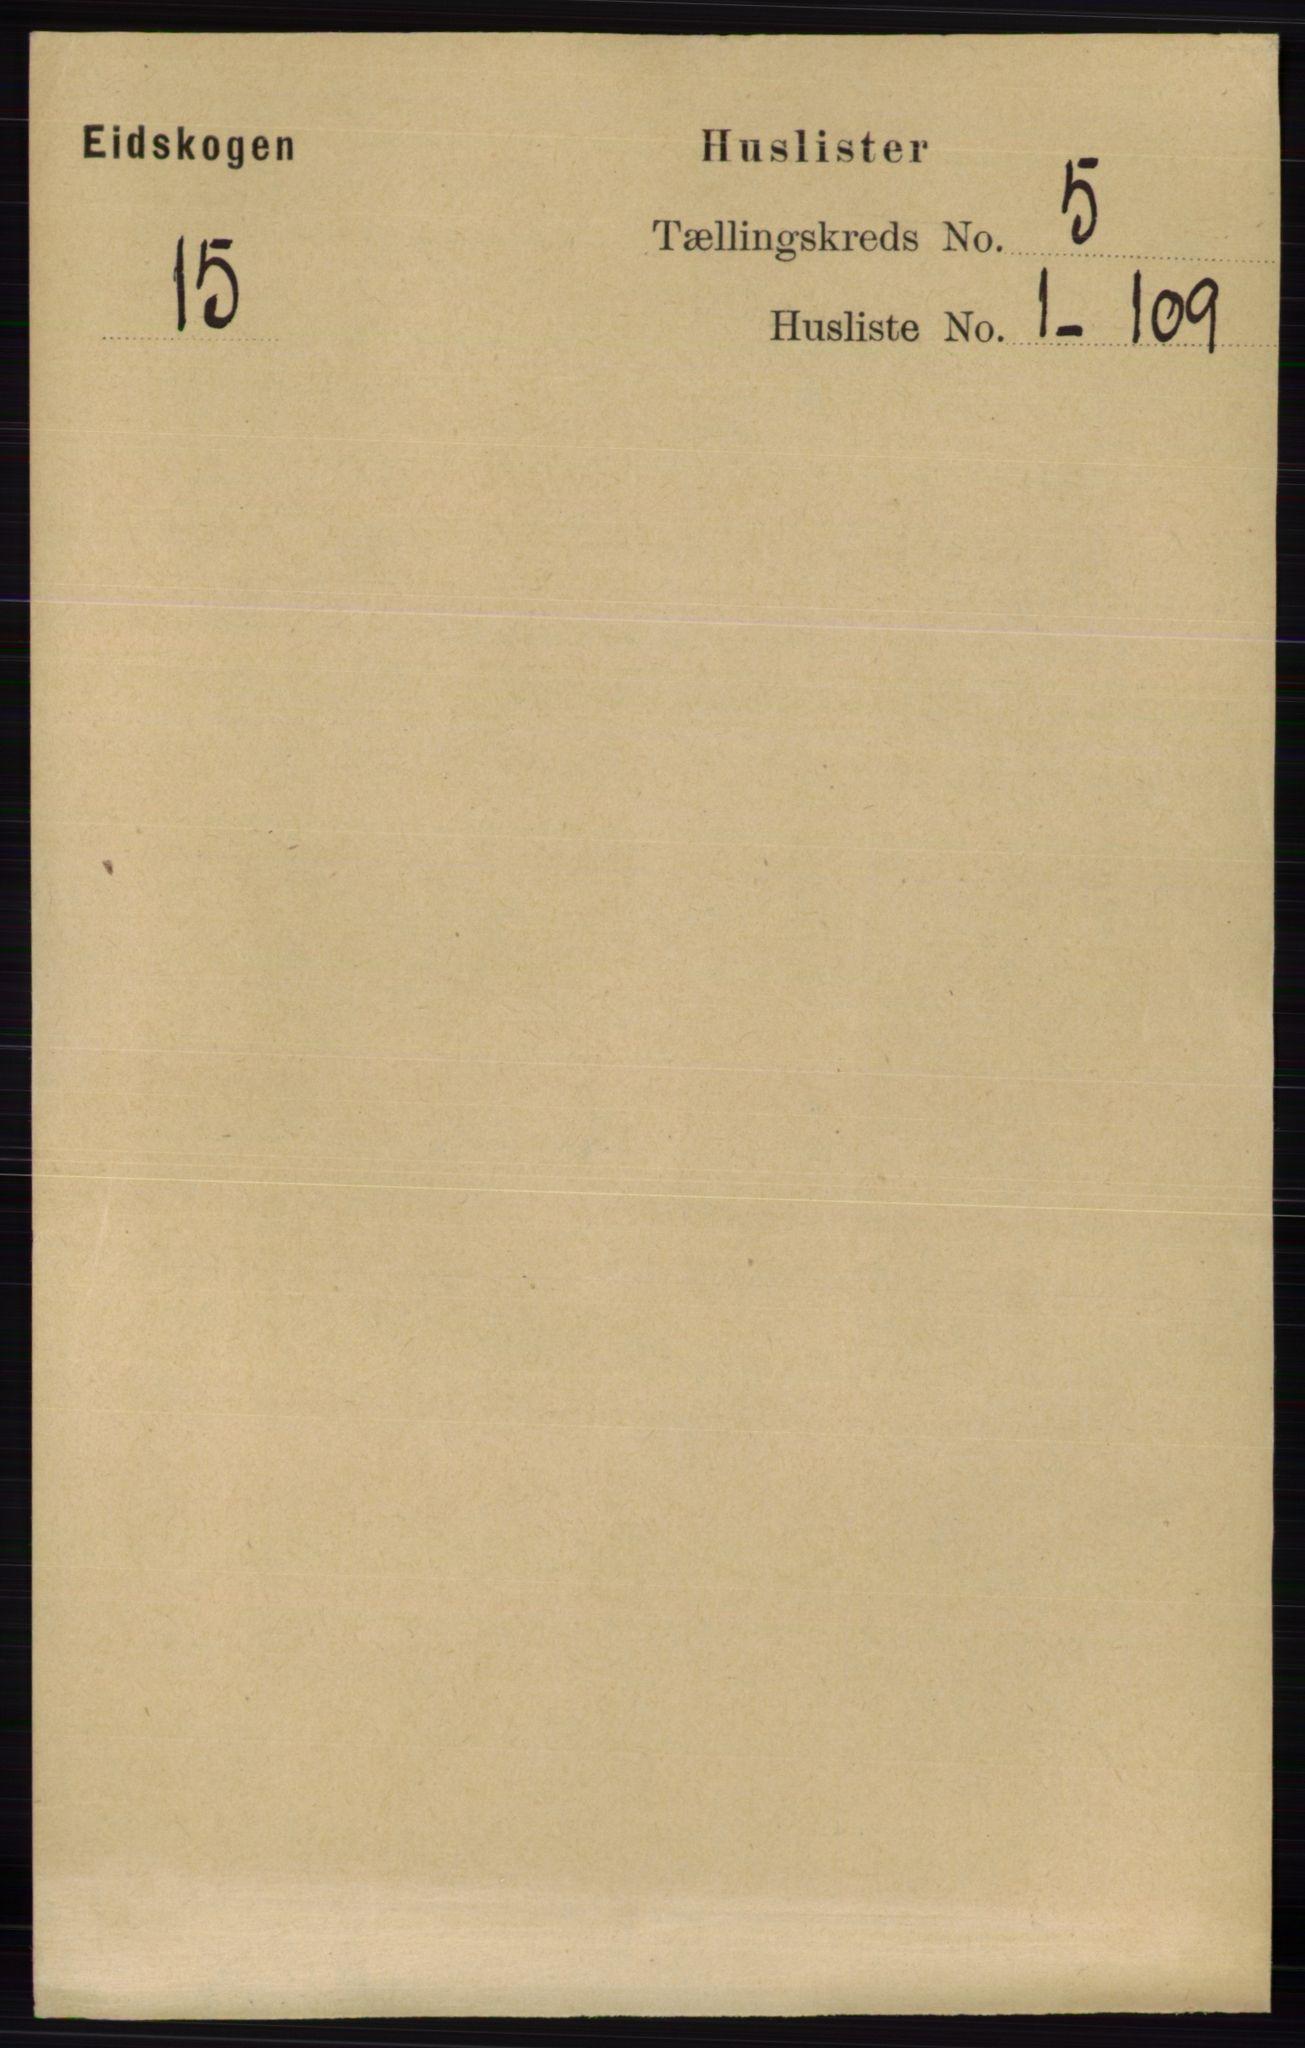 RA, Folketelling 1891 for 0420 Eidskog herred, 1891, s. 1950